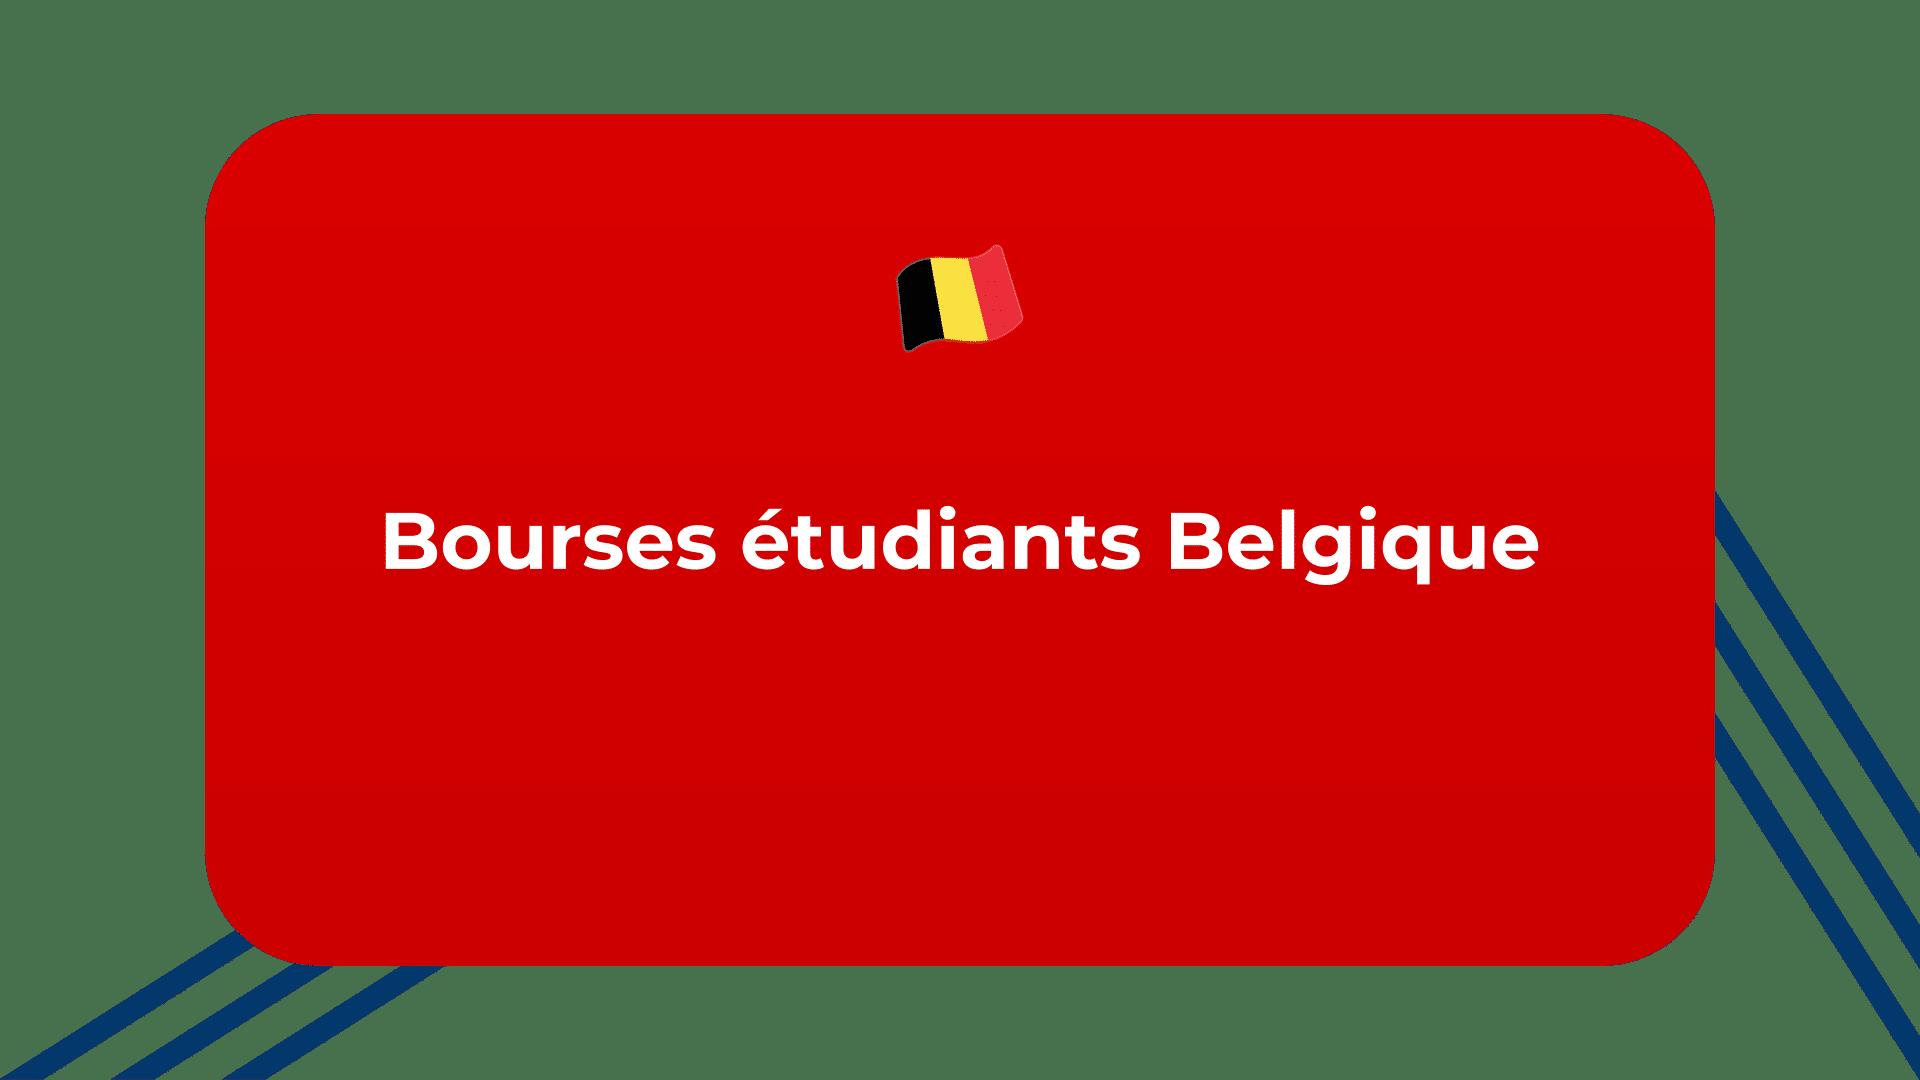 Bourses étudiants Belgique